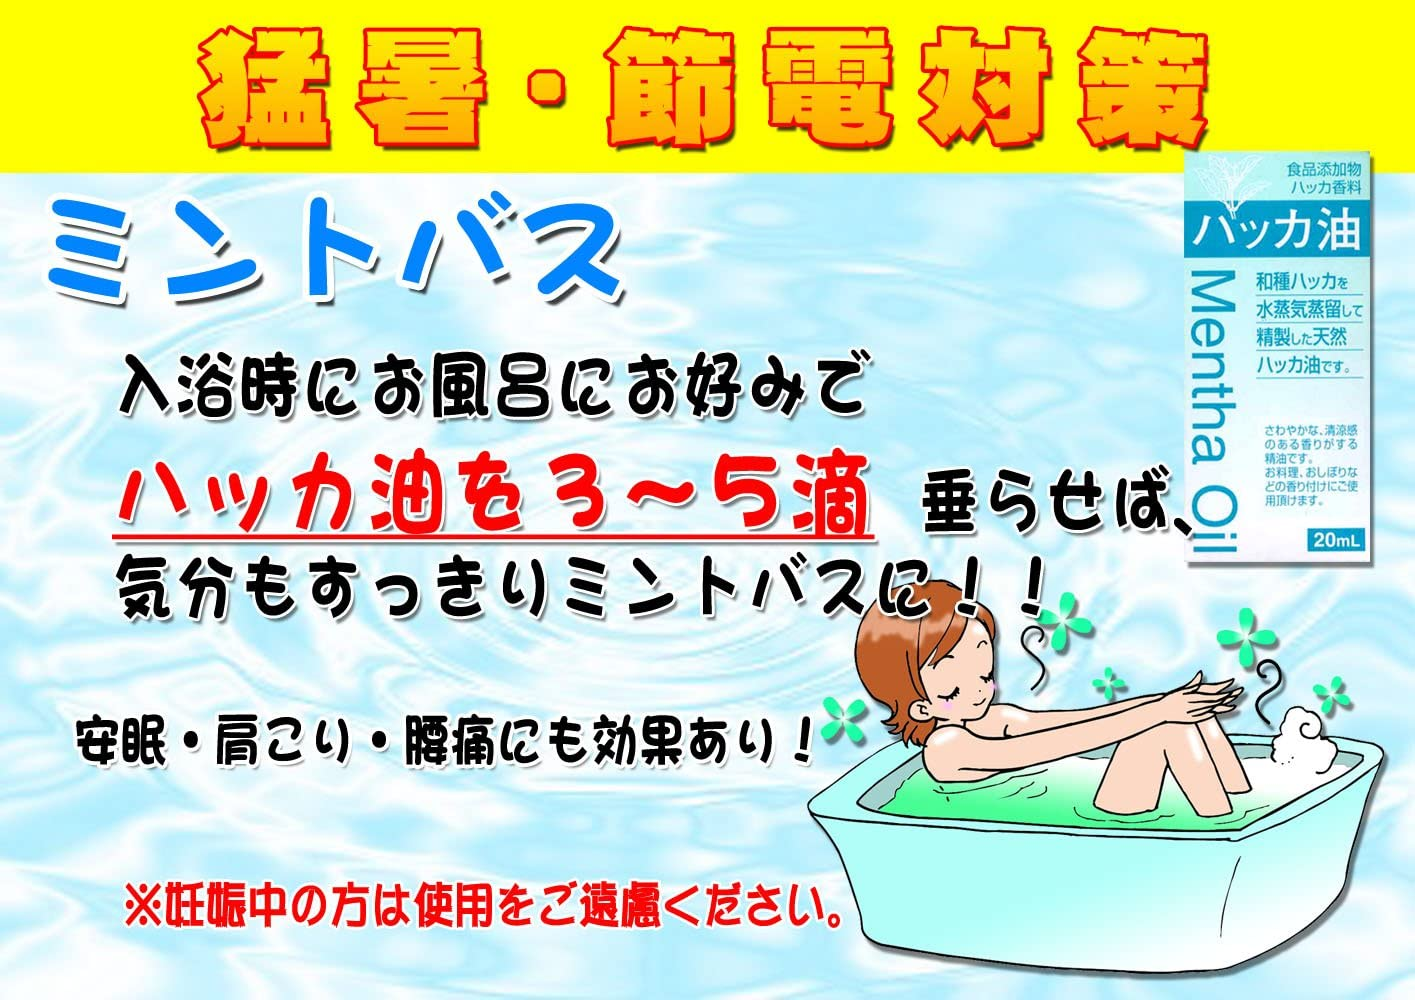 大洋製薬(タイヨウセイヤク) 食品添加物 ハッカ油の商品画像5